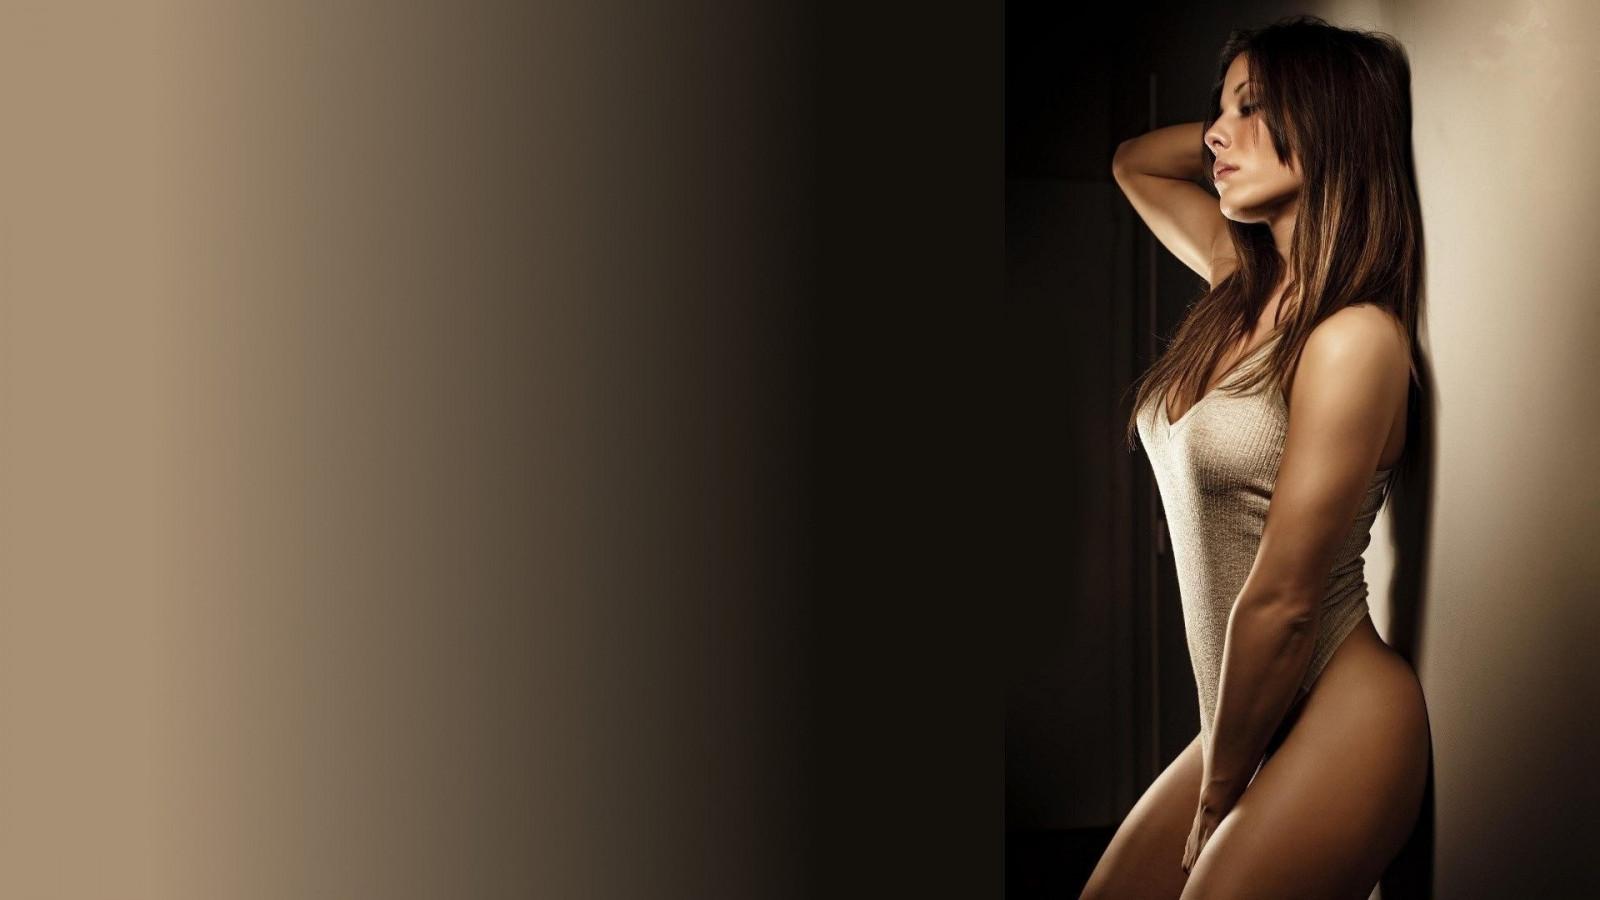 Women sex porn wallpaper sexy pics